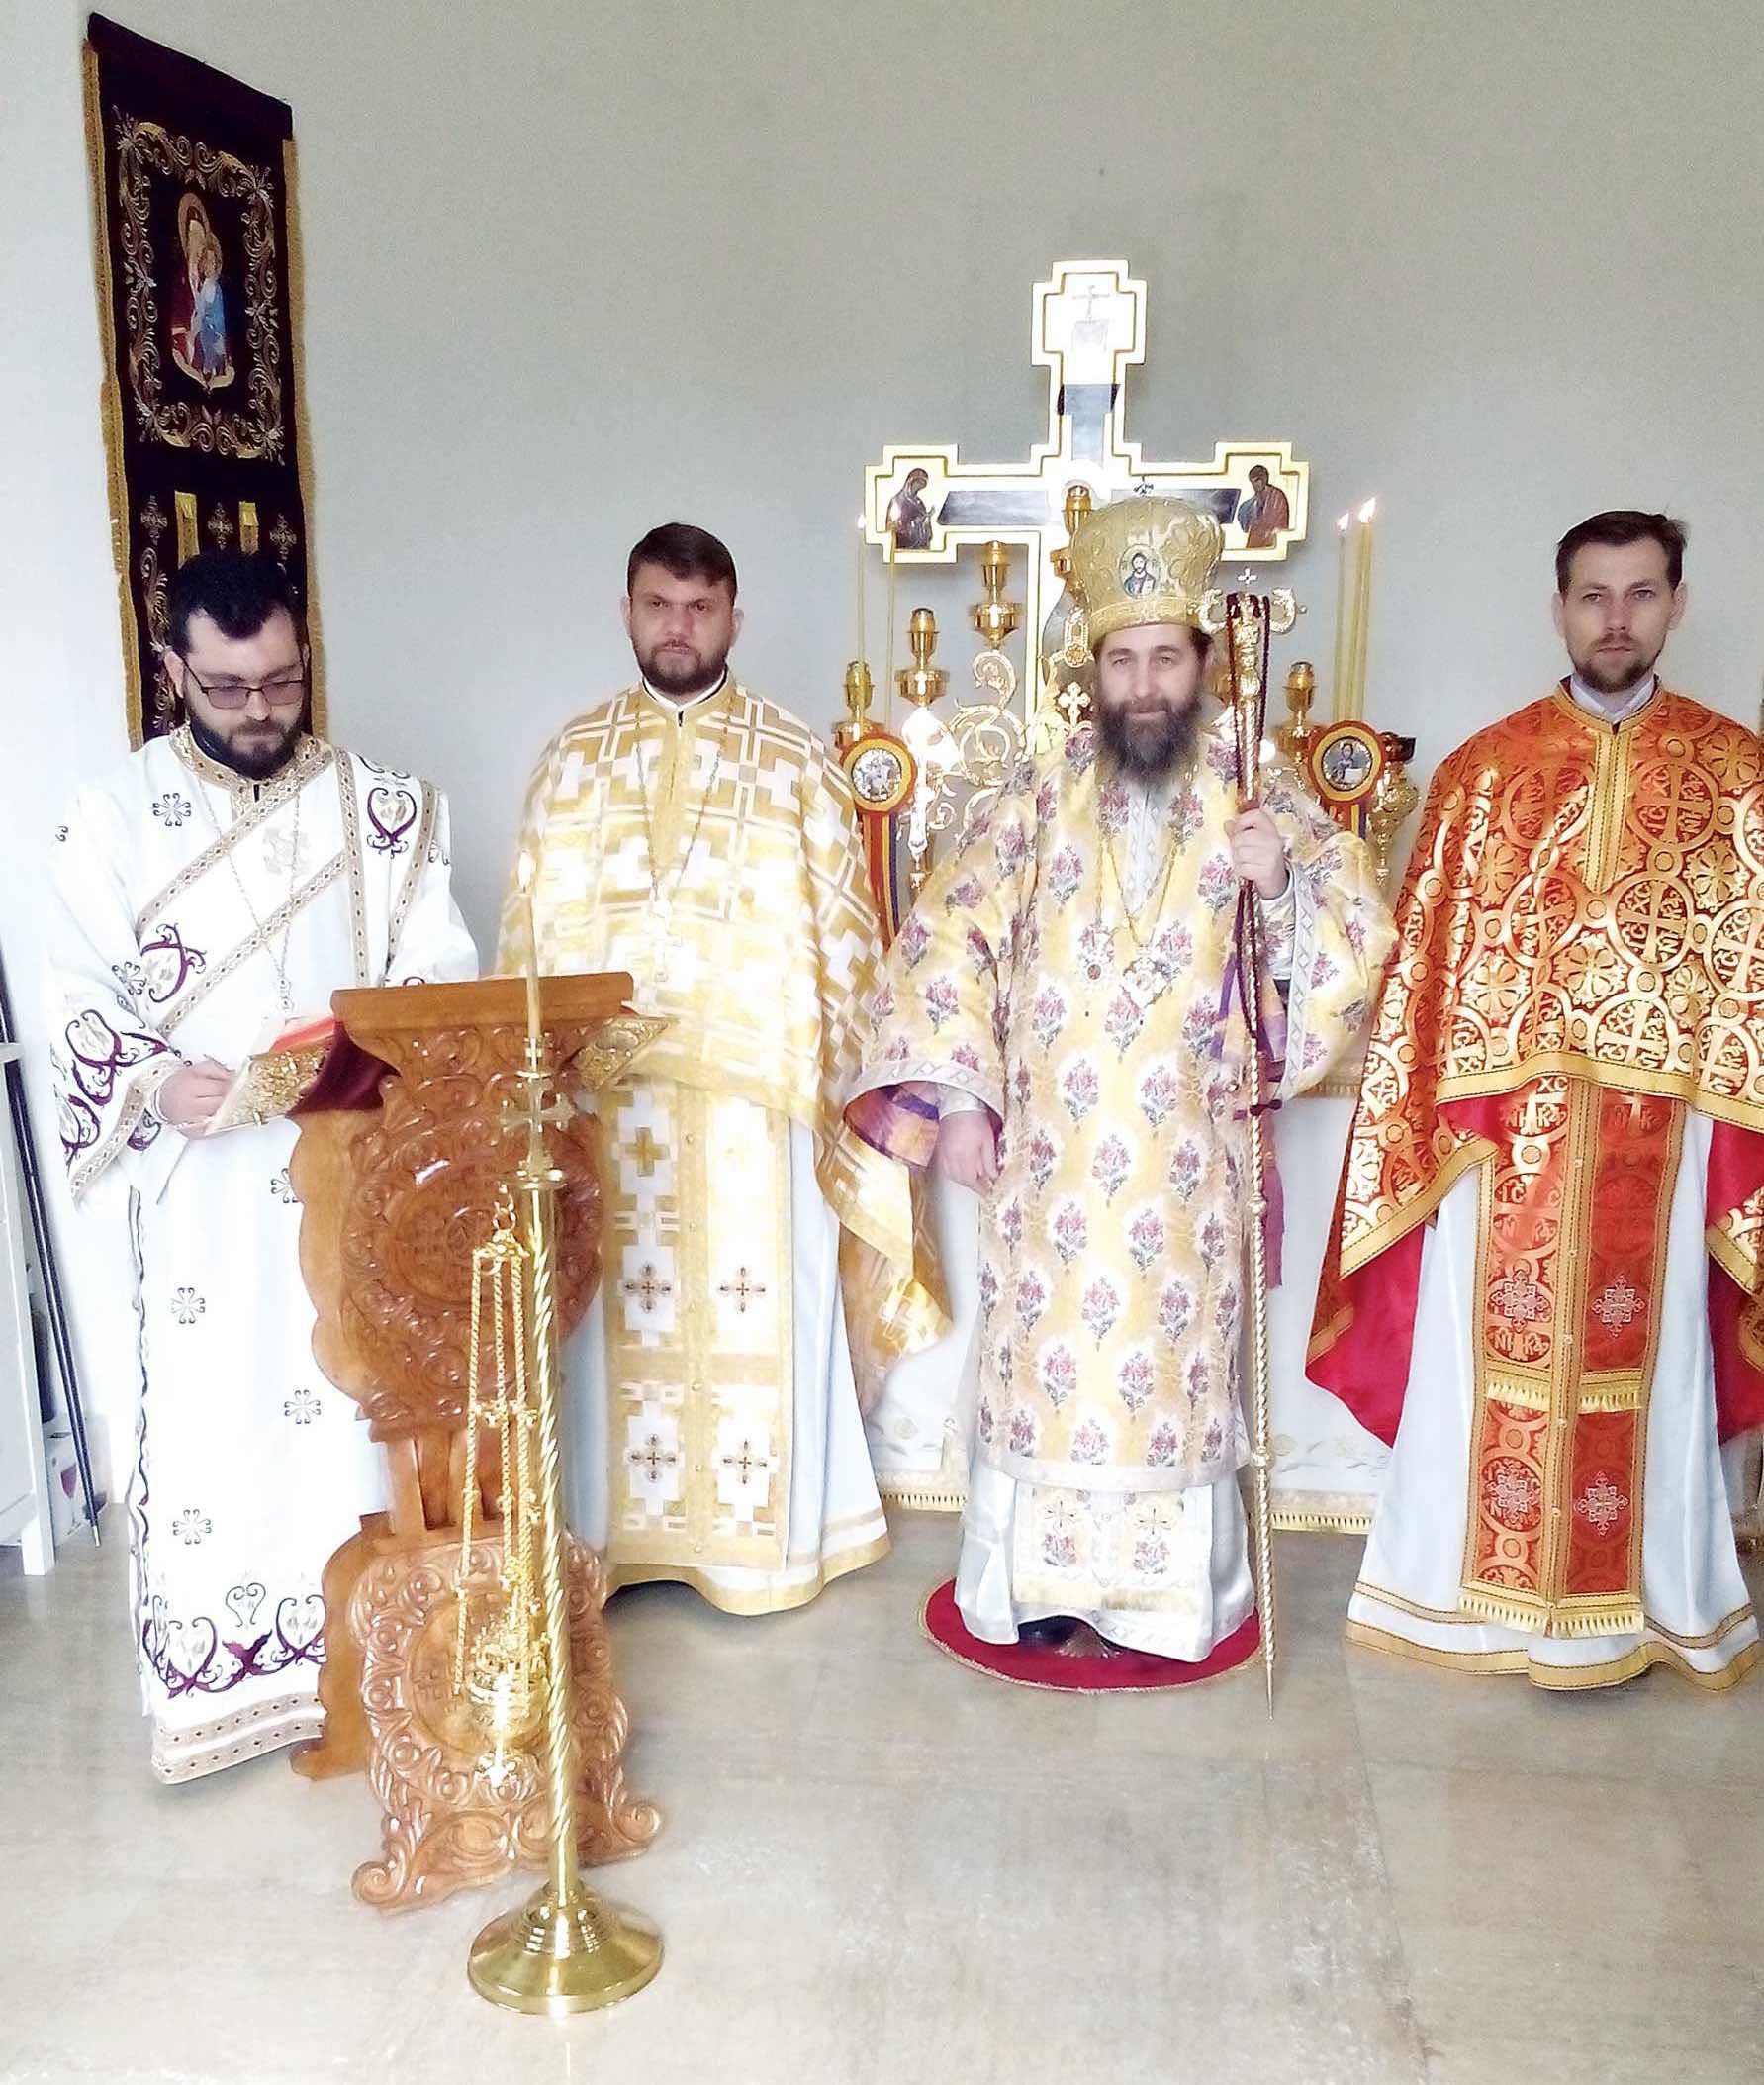 Inaugurarea Parohiei Ortodoxe Românești din Zagreb